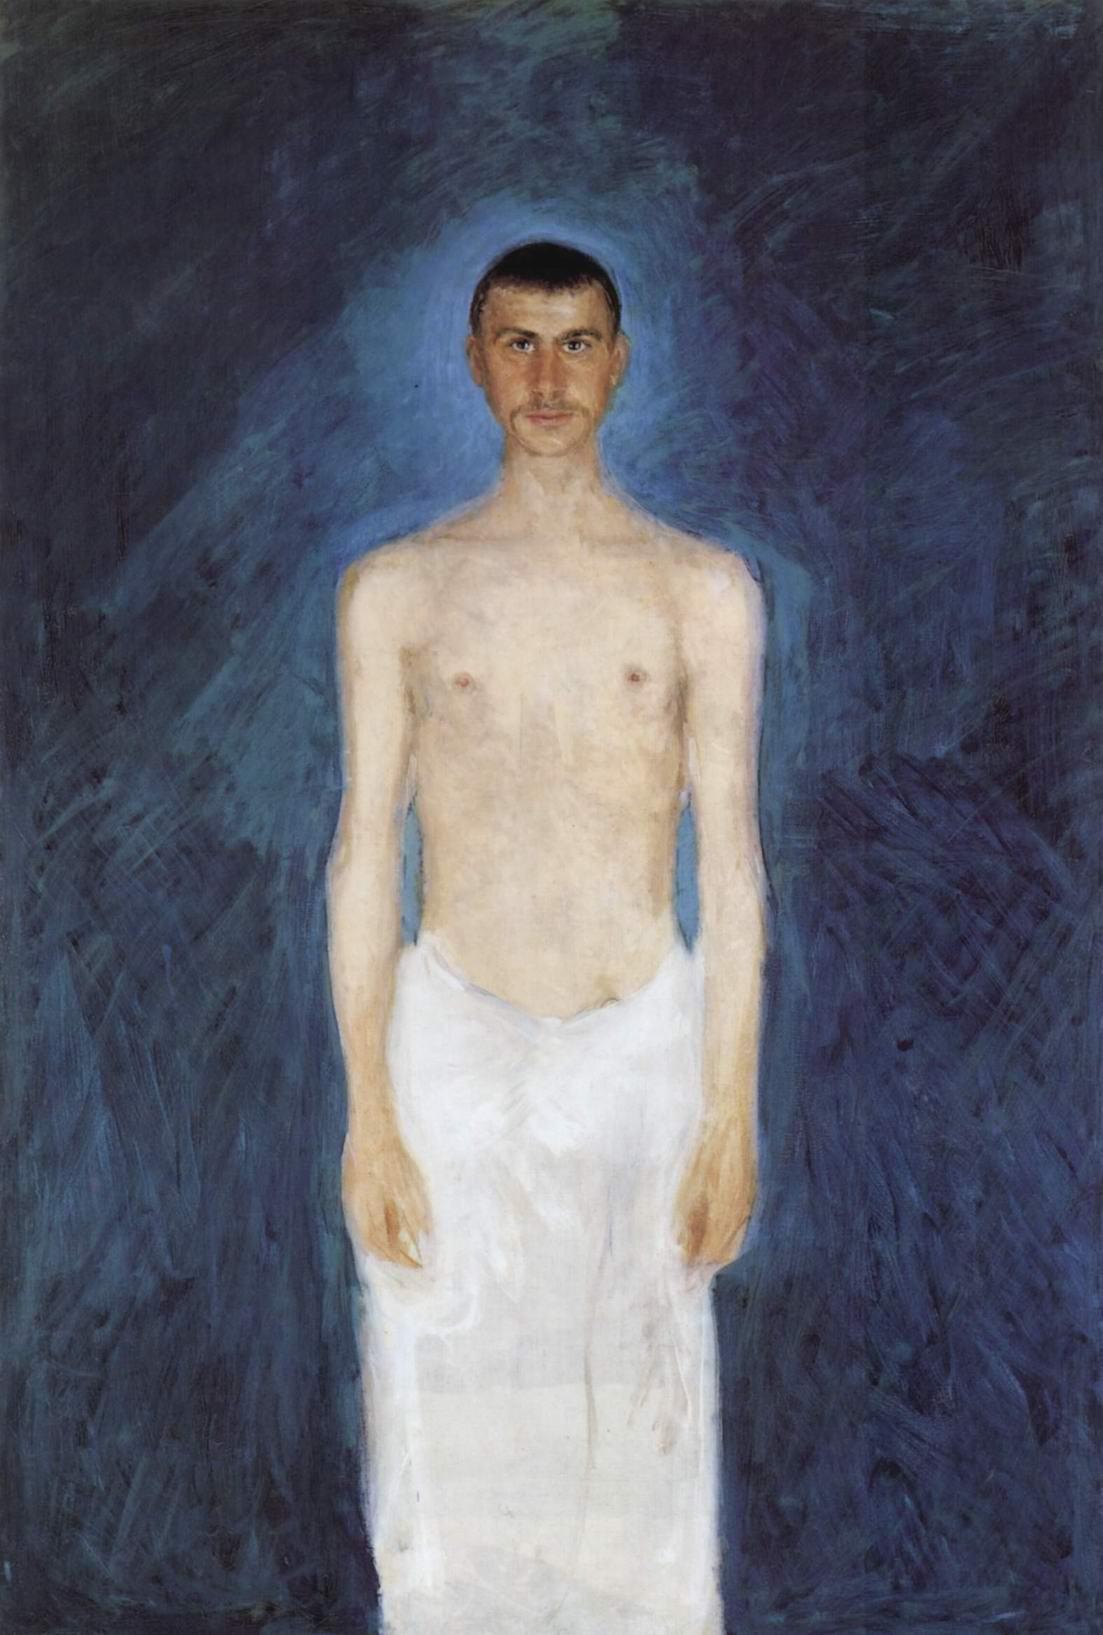 Автопортрет полуобнаженным на синем фоне, Рихард Герстль